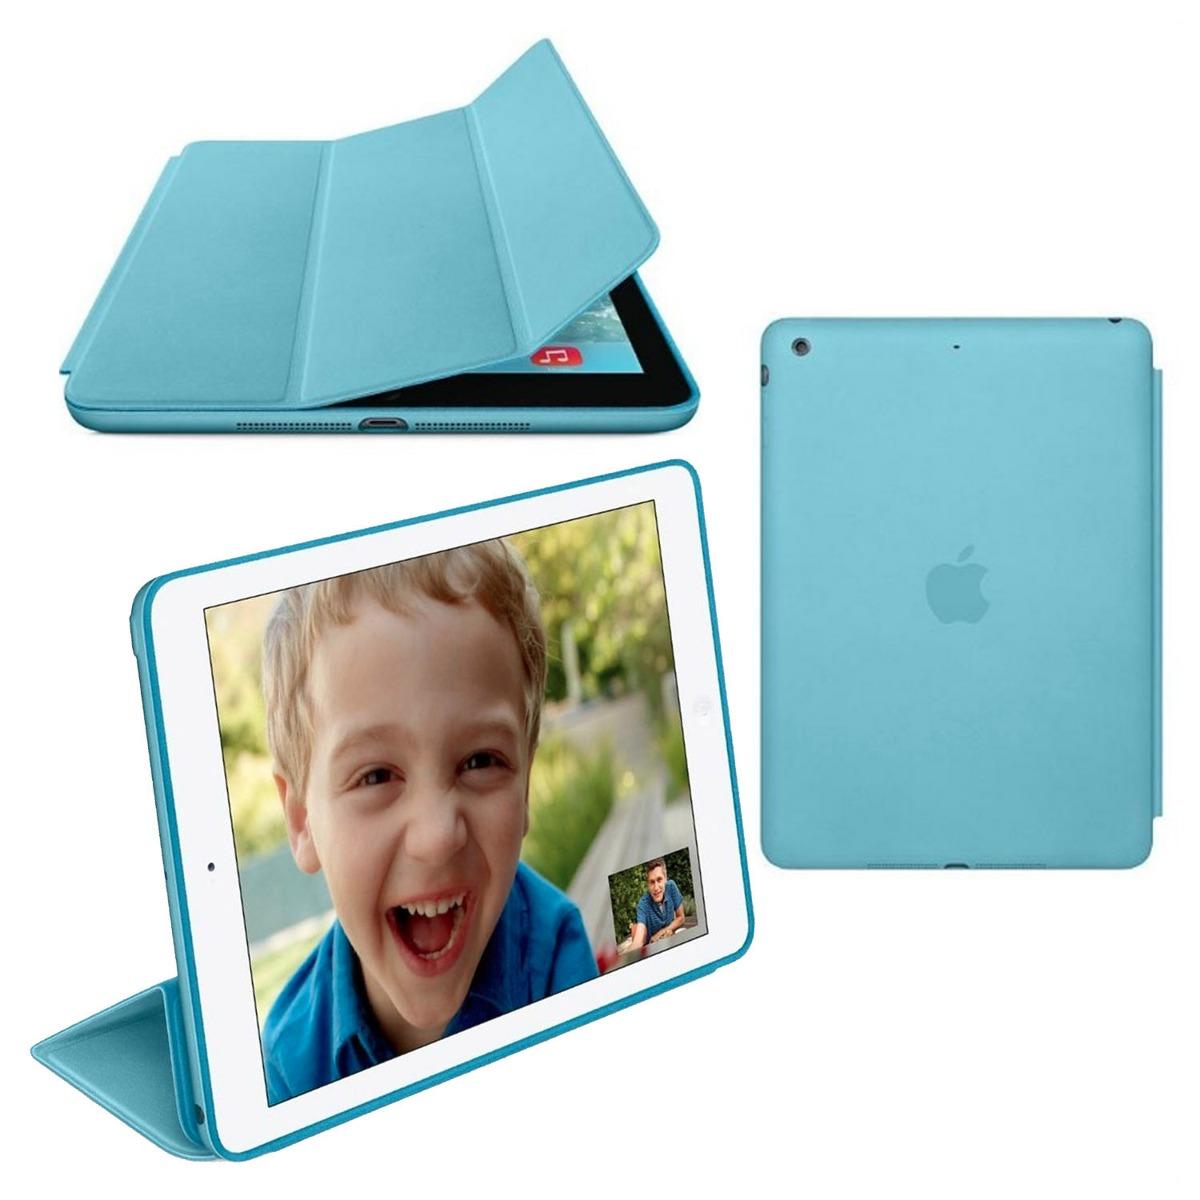 Funda ipad mini 1 2 3 smartcover proteccion completa mica ms en mercado libre - Ipad 1 funda ...